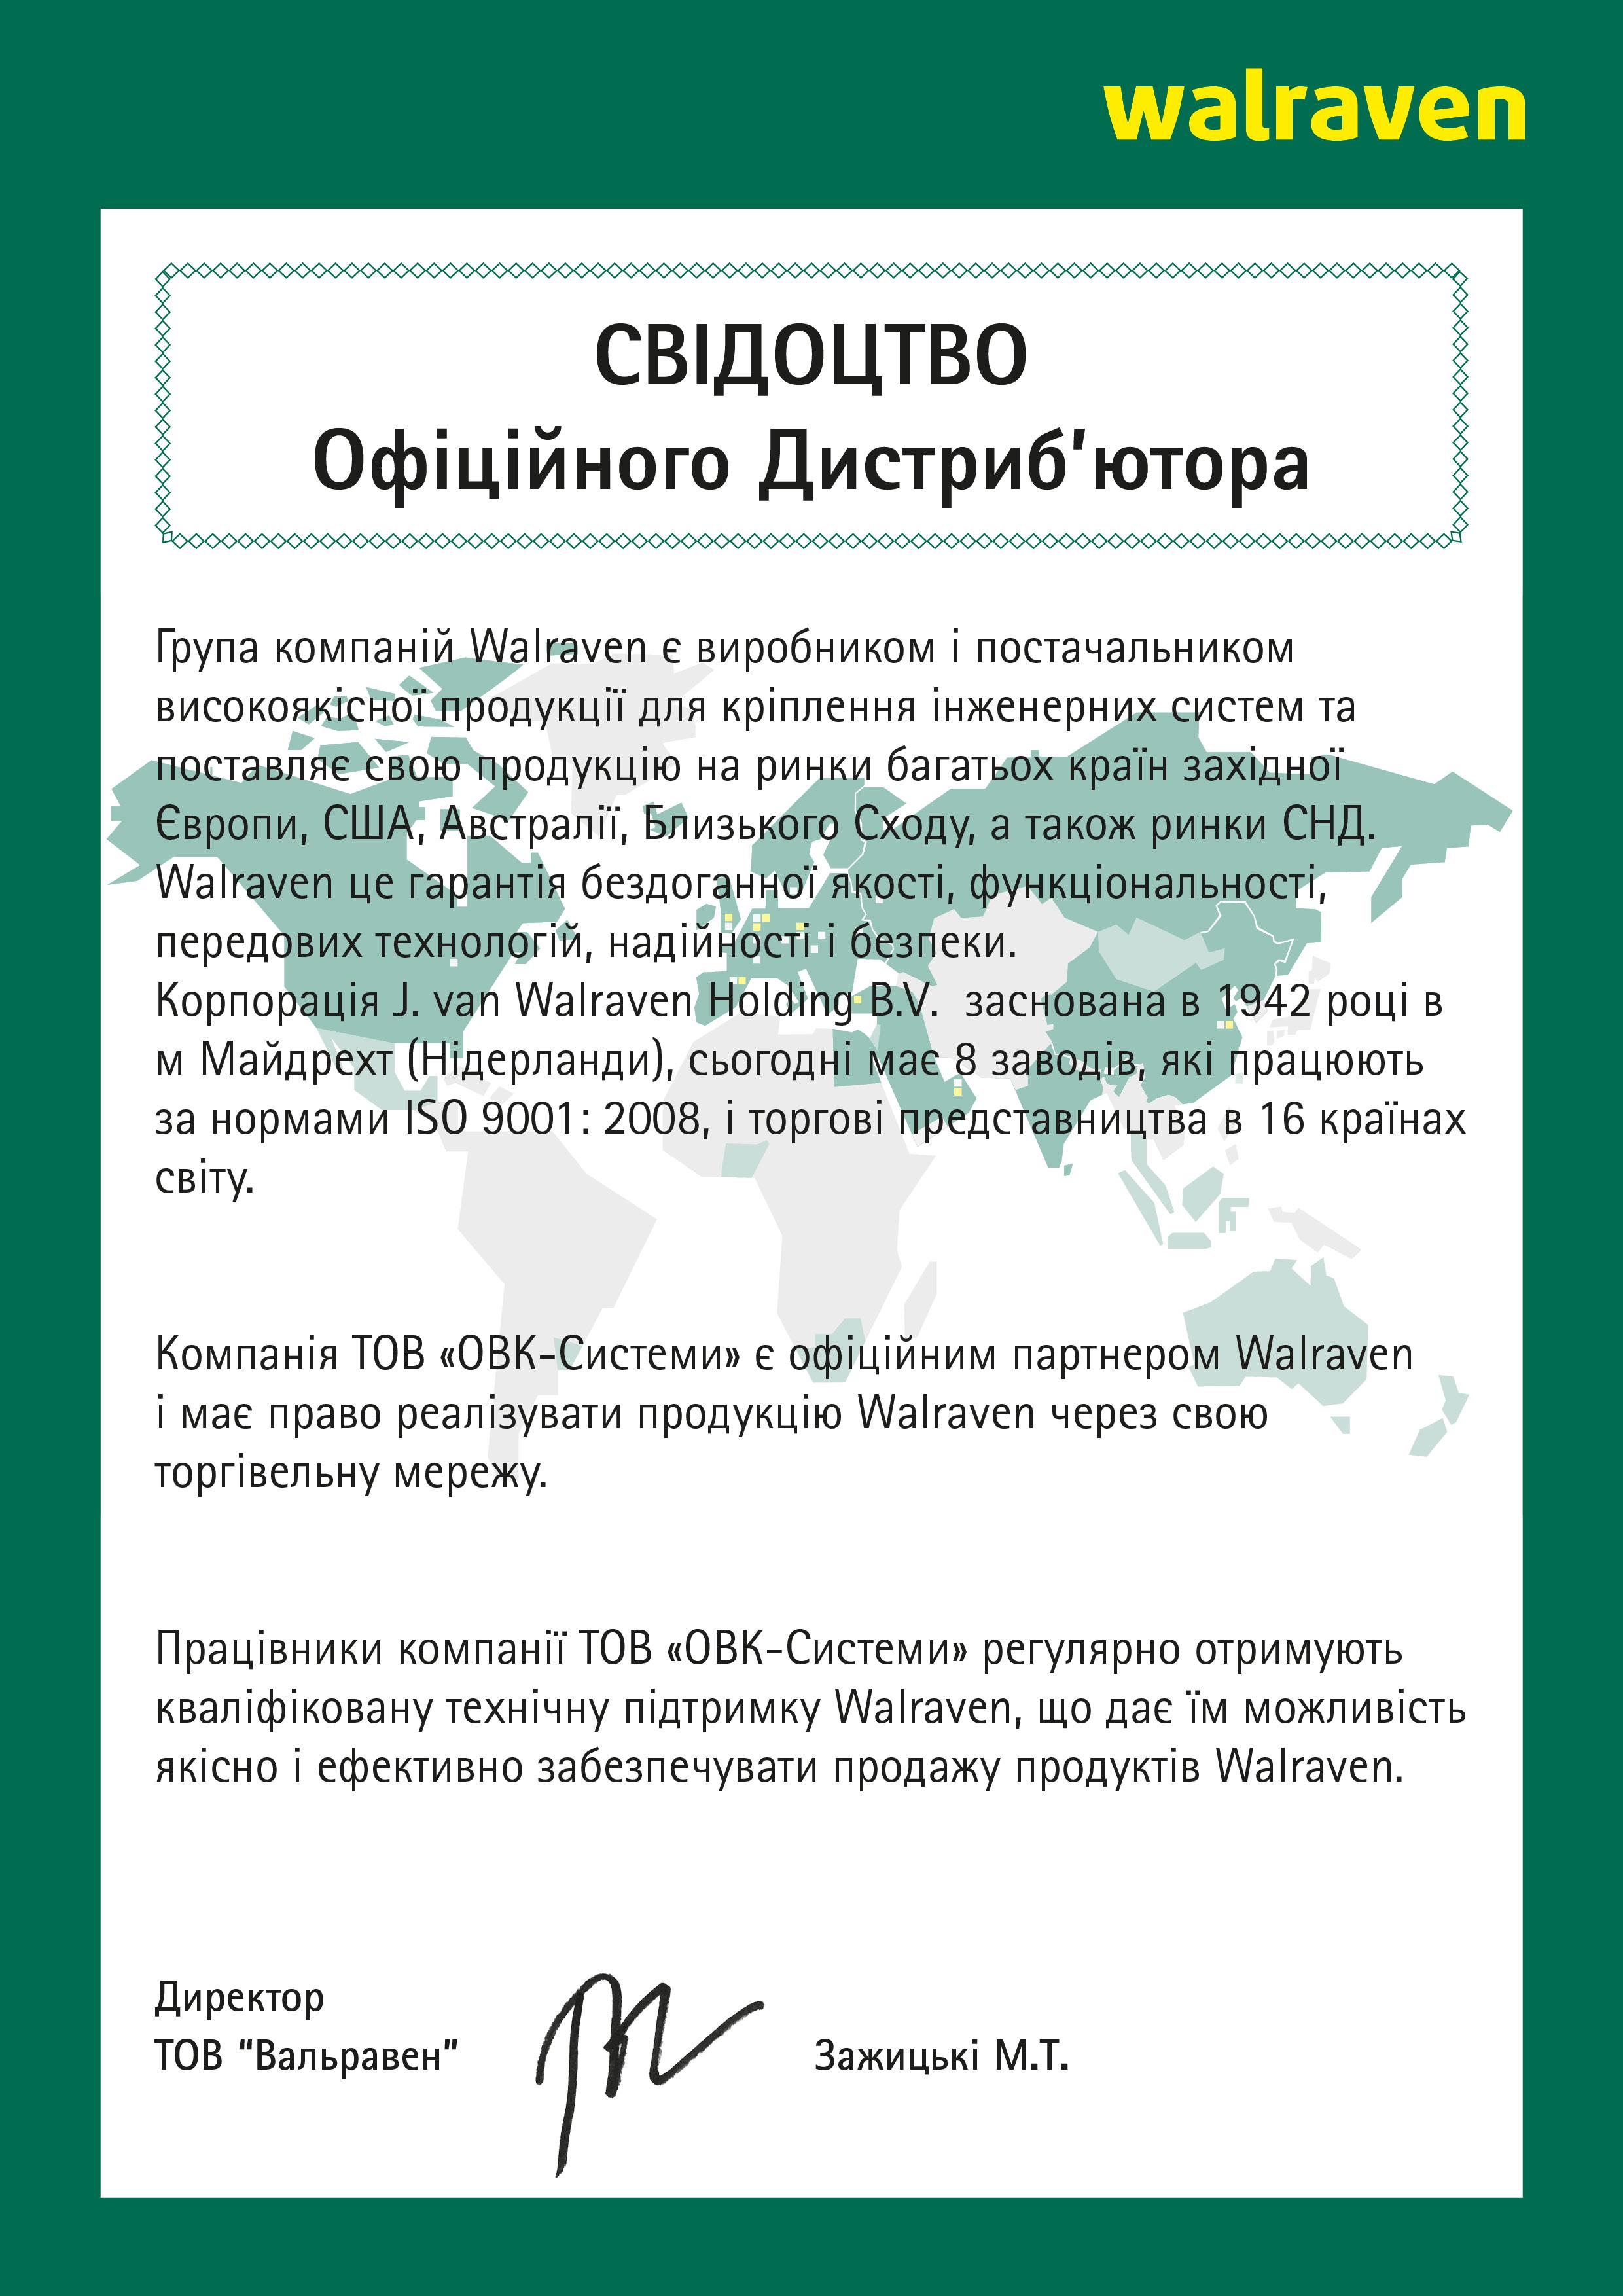 Сертификат официального дистрибьютора Walraven